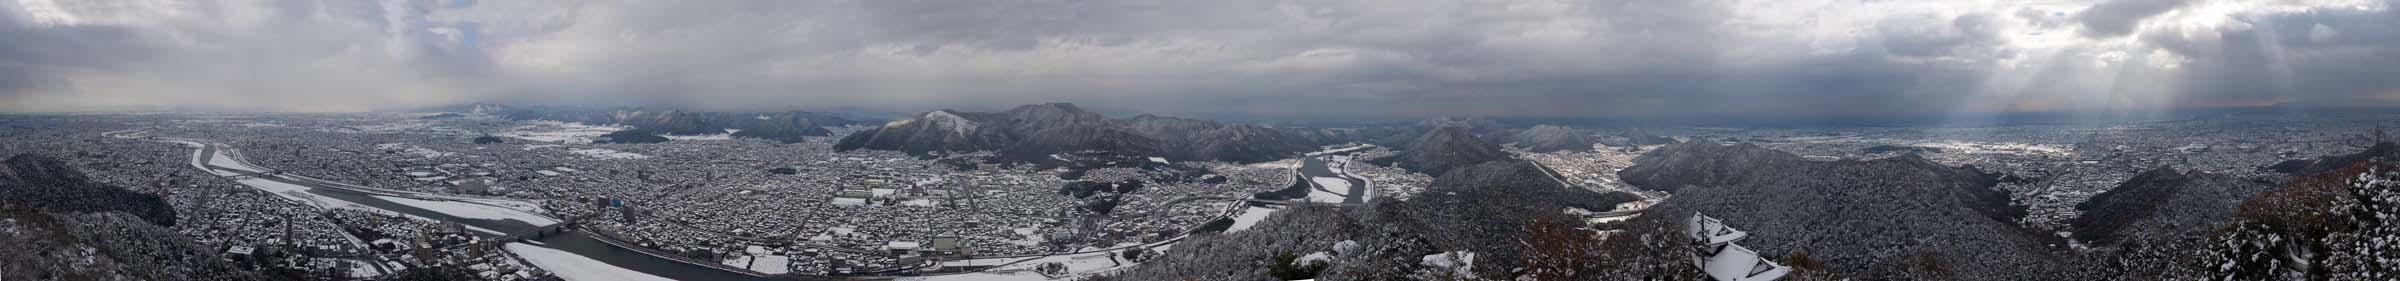 foto,tela,gratis,paisaje,fotografía,idea,Un panorama de Gifu, Está nevoso, El NagarRiver, Gifu, Pueblo